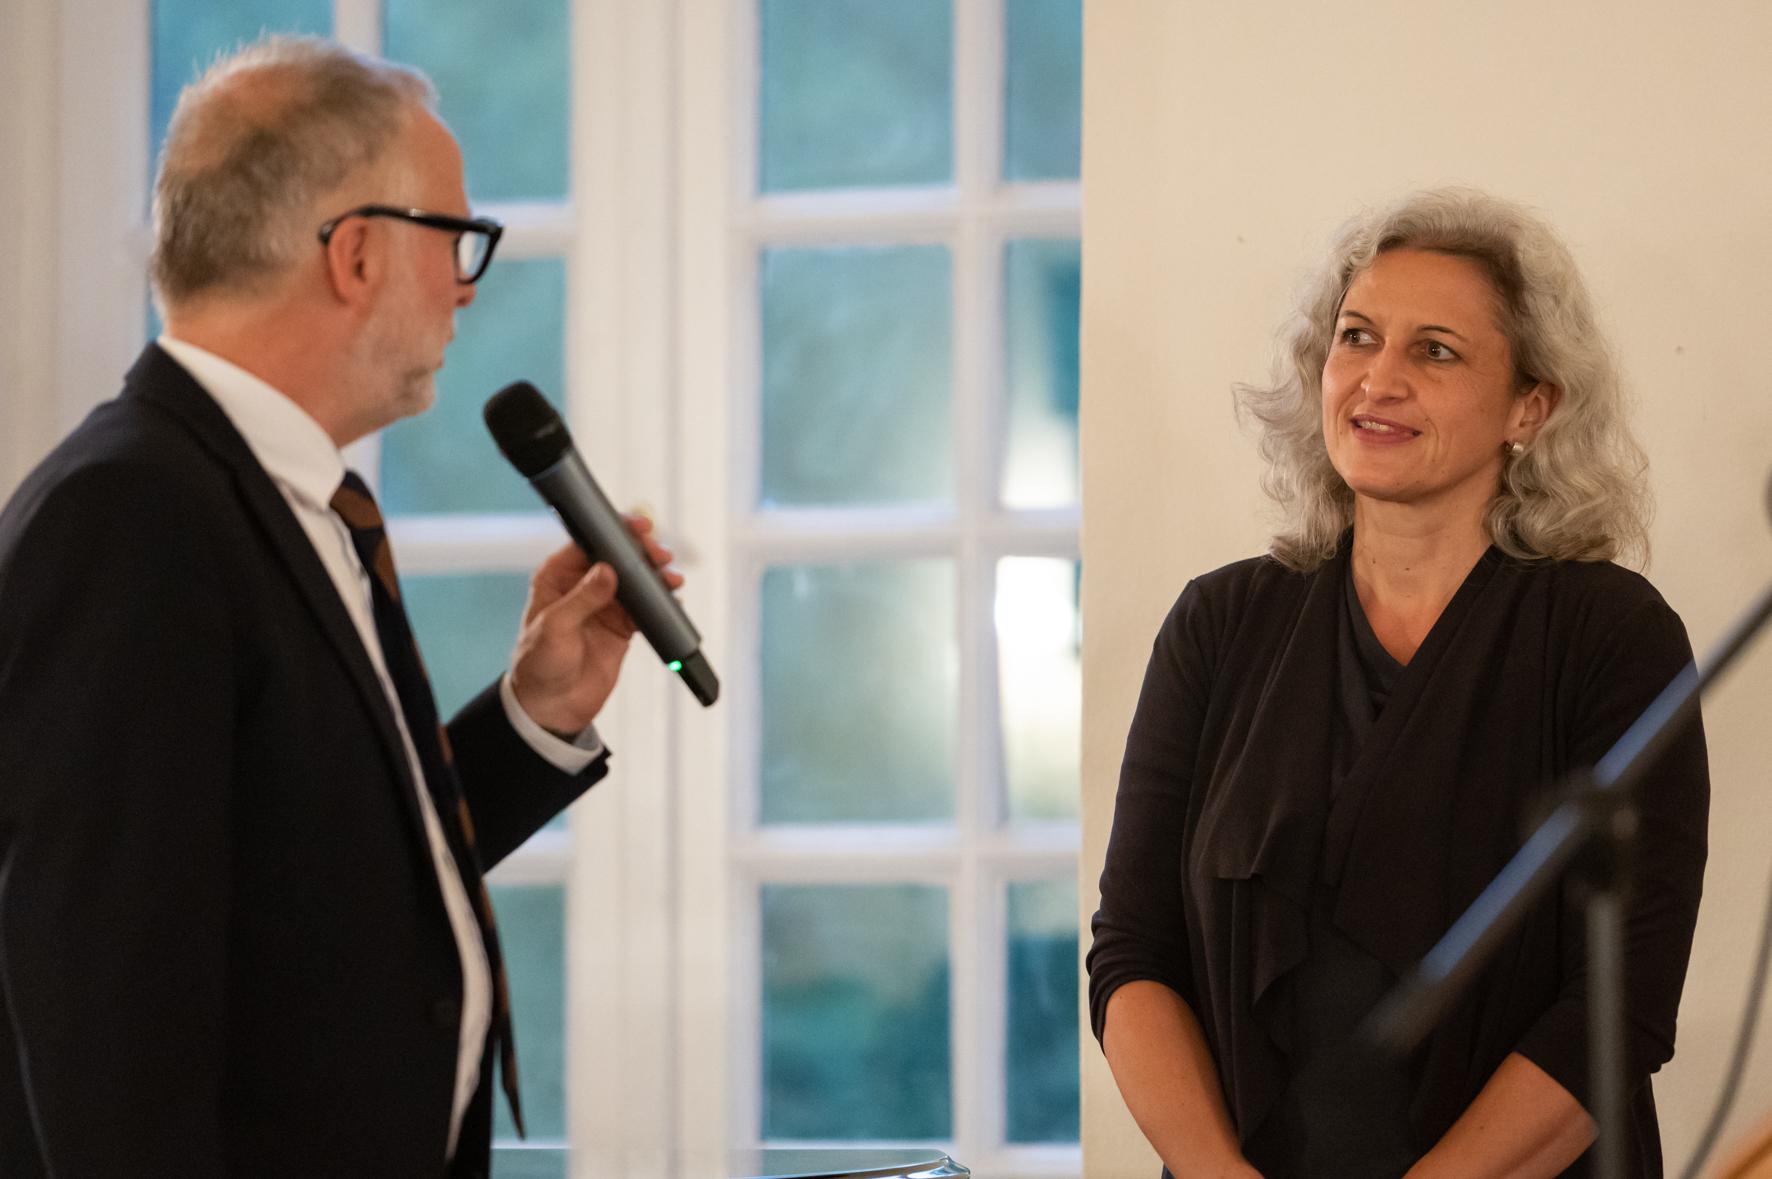 Mirjam Gördes erhält Bürgerpreis in der Kategorie Umwelt / Umweltschutz